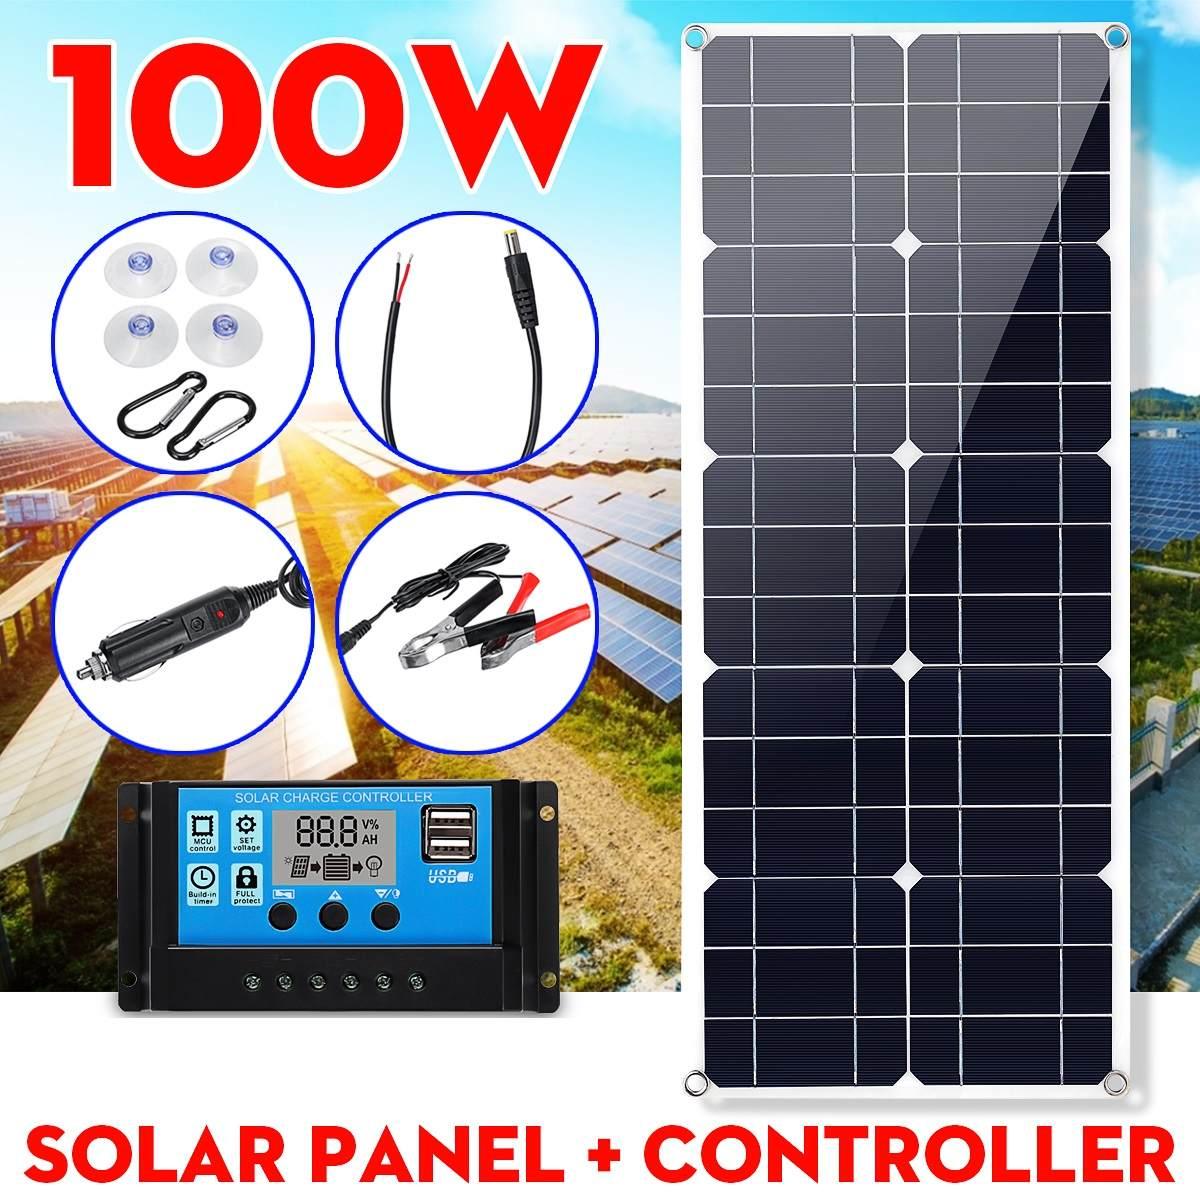 لوحة طاقة شمسية 100 واط مع تحكم 30A/100A مزدوج 12 فولت/5 فولت USB مقاوم للماء الخلايا الشمسية بولي الخلايا الشمسية لشحن بطارية اليخوت السيارة